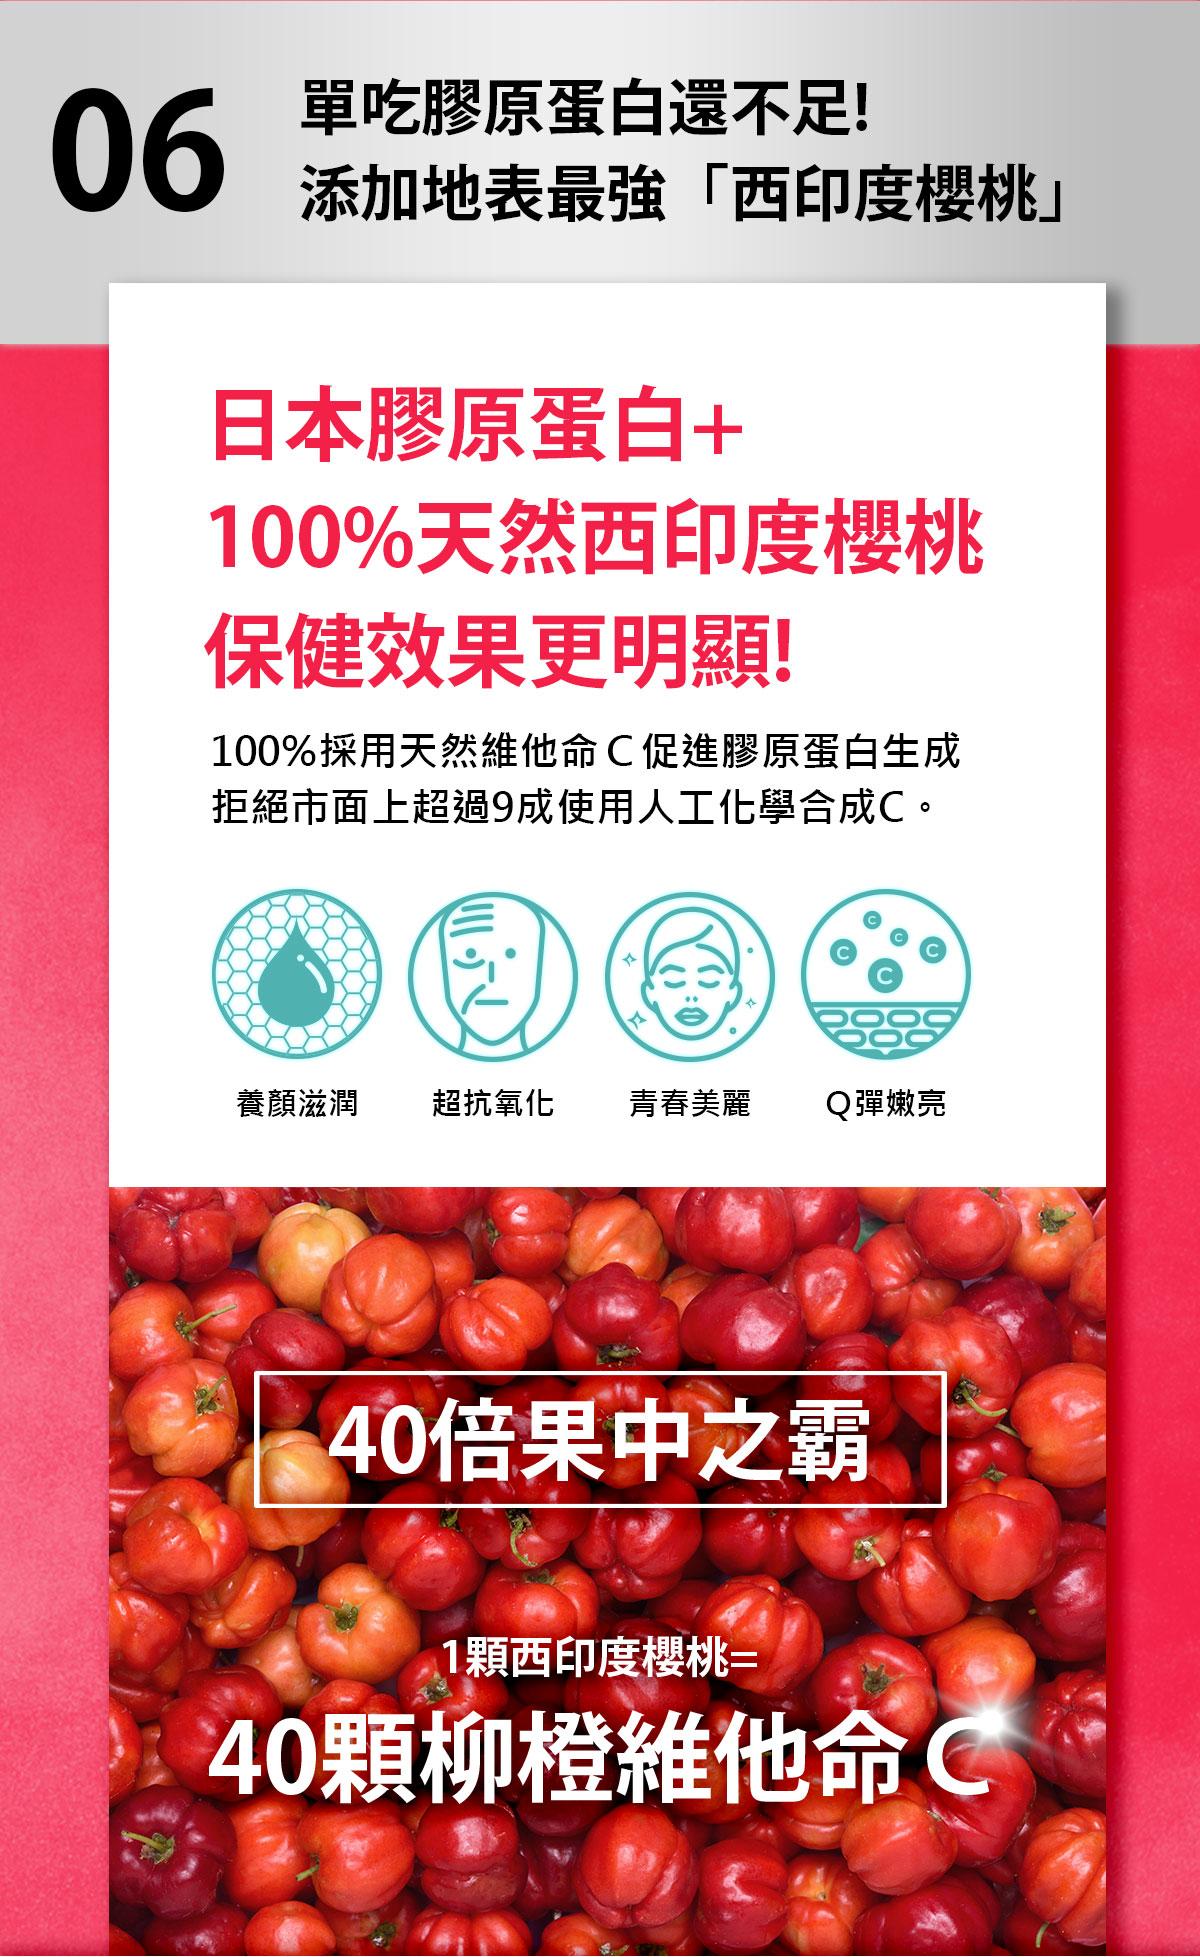 日本膠原蛋白+西印度櫻桃C-你的膠原蛋白有加西印度櫻桃C嗎-0800-800-924